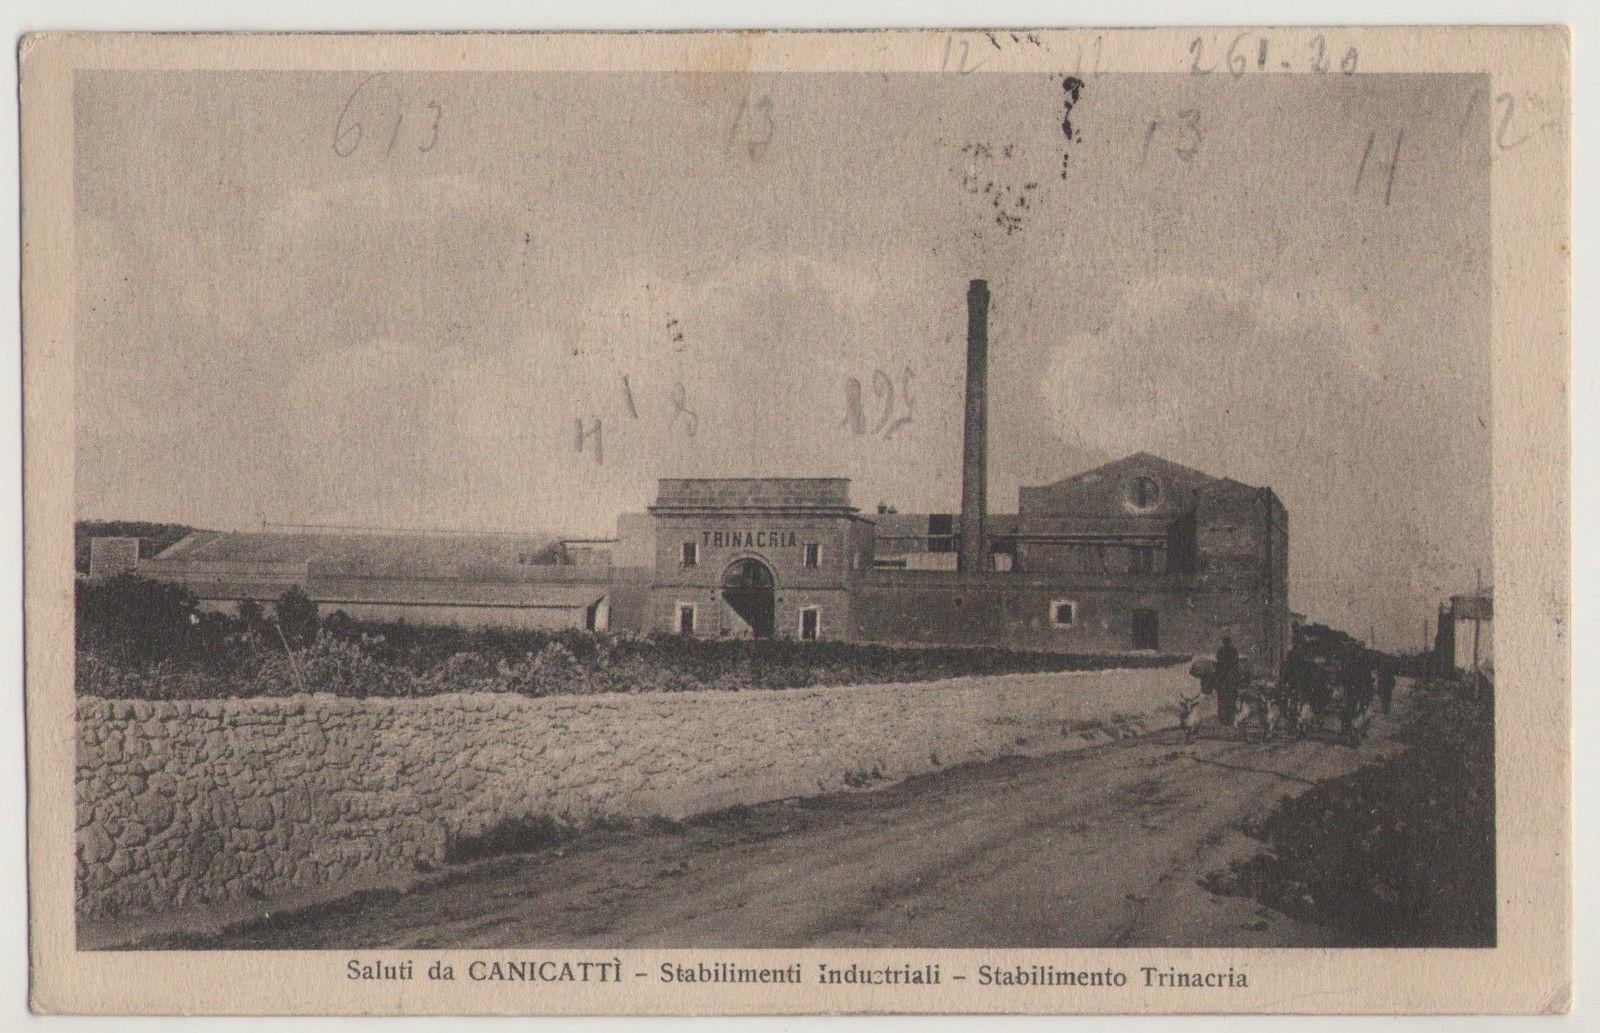 Canicattì: Antica immagine dello stabilimento Trinacria